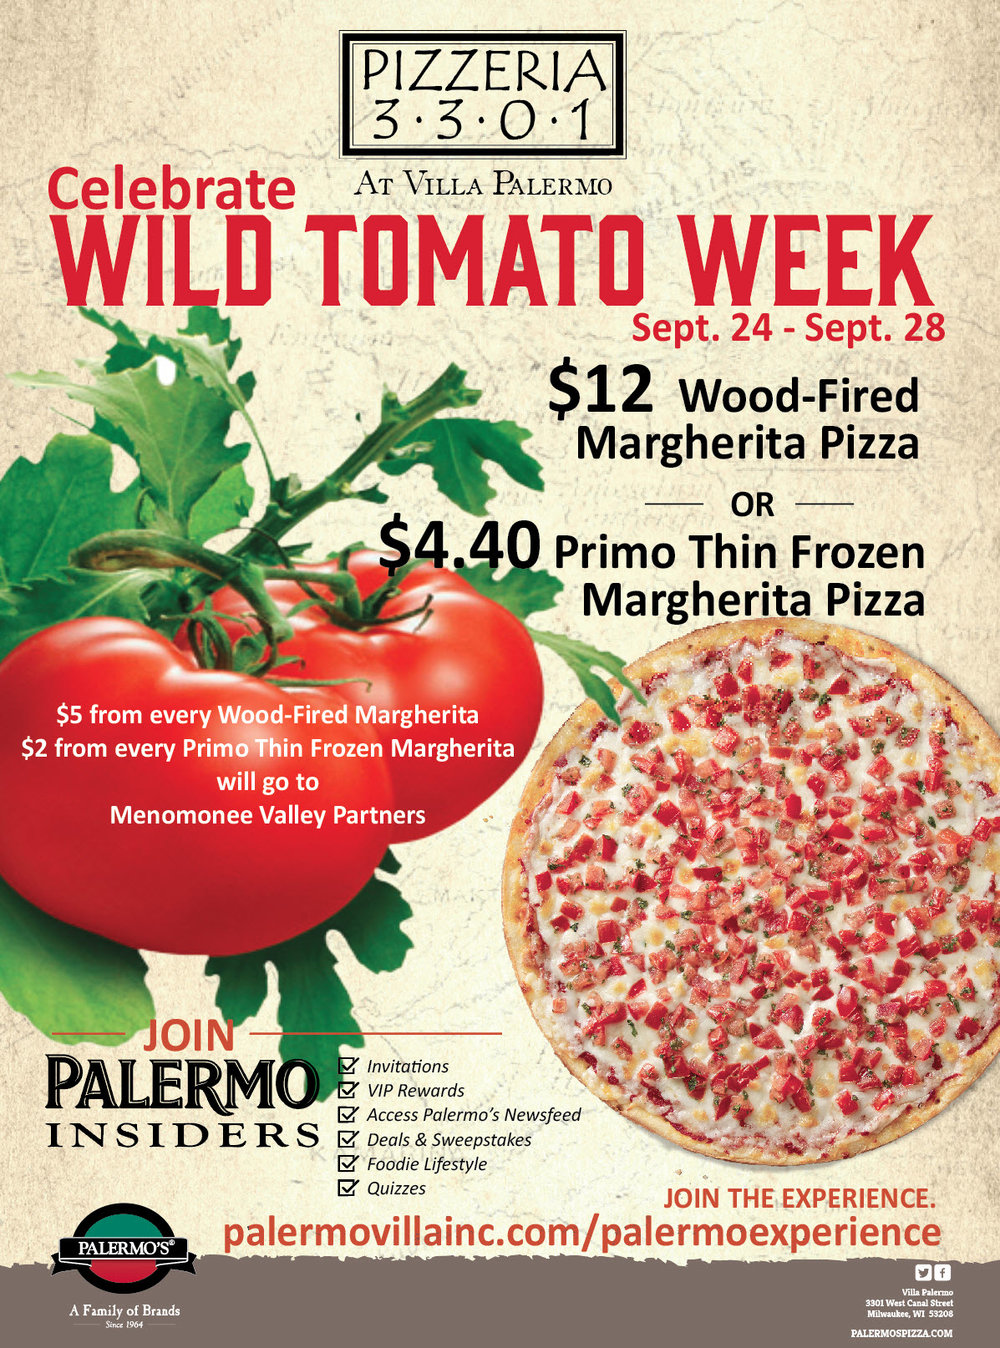 2018 Wild Tomato Week Pizzeria 3301.jpg